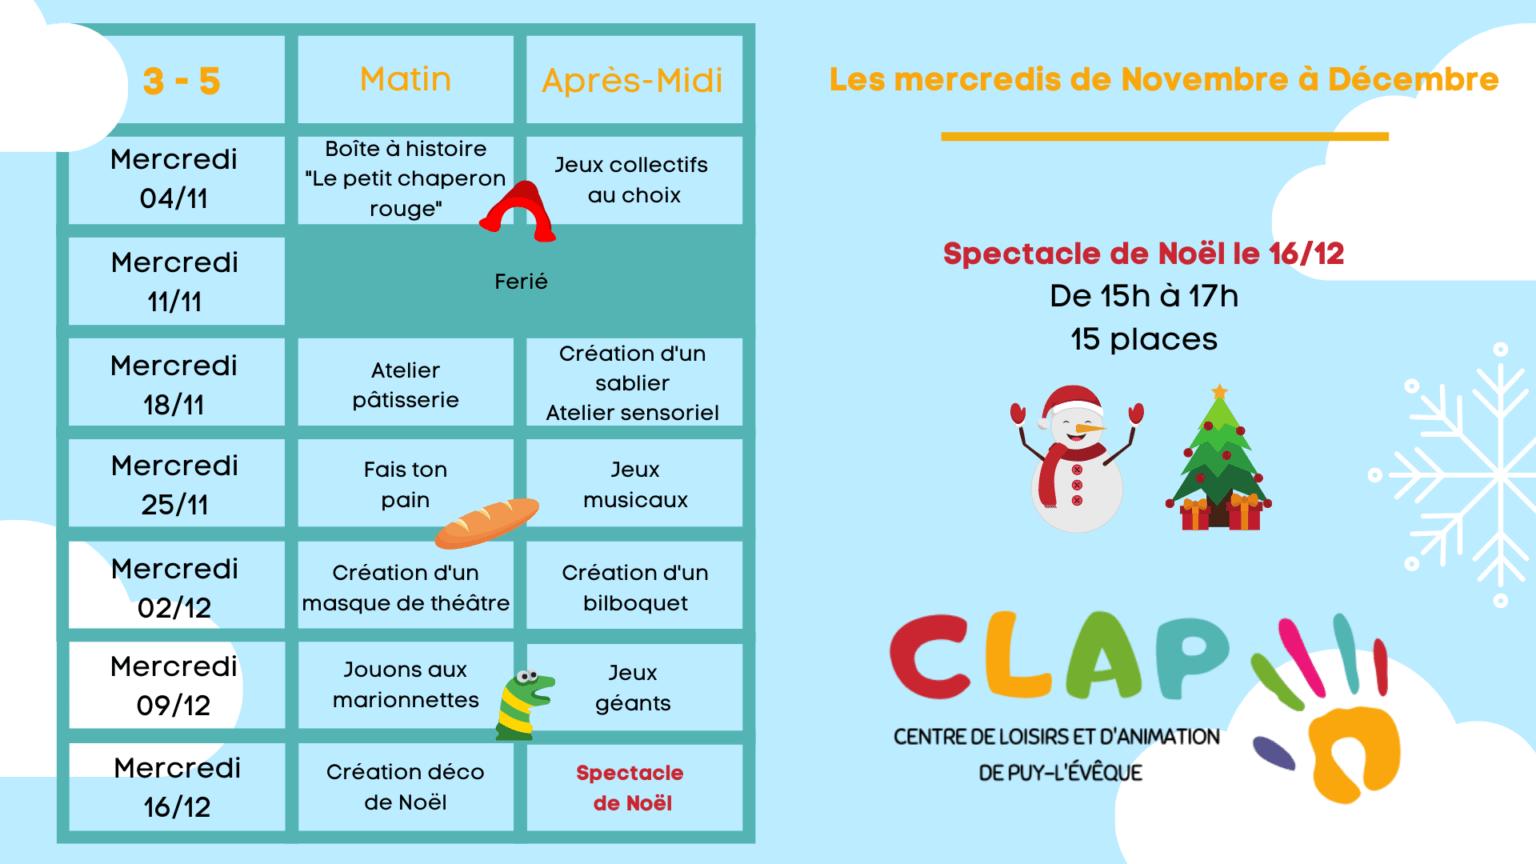 Programme des mercredis de Novembre à Décembre enfants de 3 à 5 ans